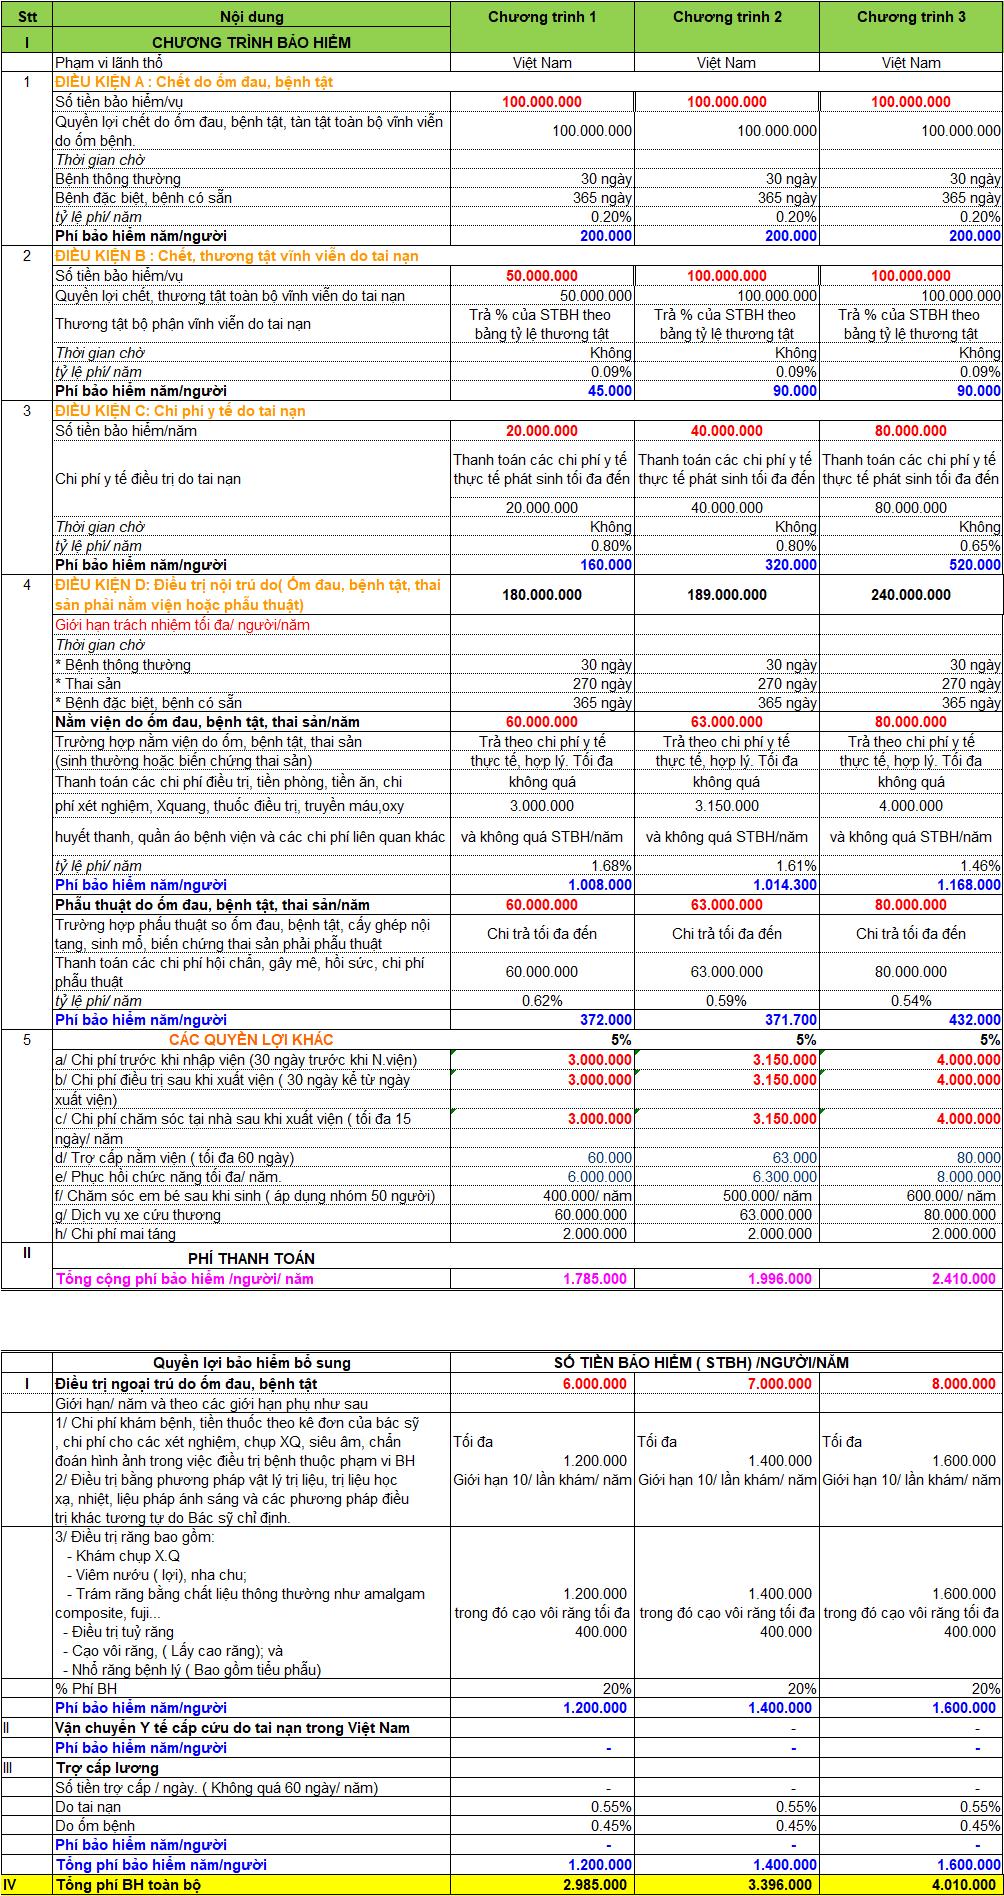 Biểu phí bảo hiểm sức khỏe cho tổ chức